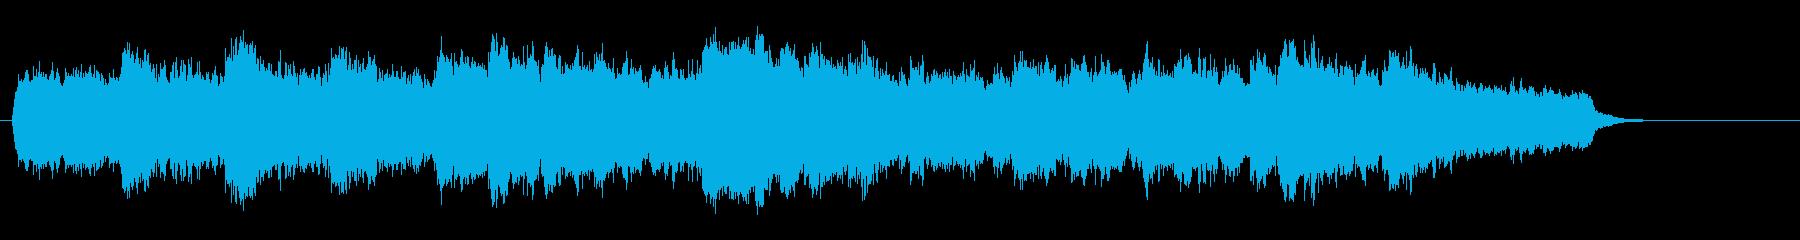 映画音楽風ストリングス・サウンドの再生済みの波形